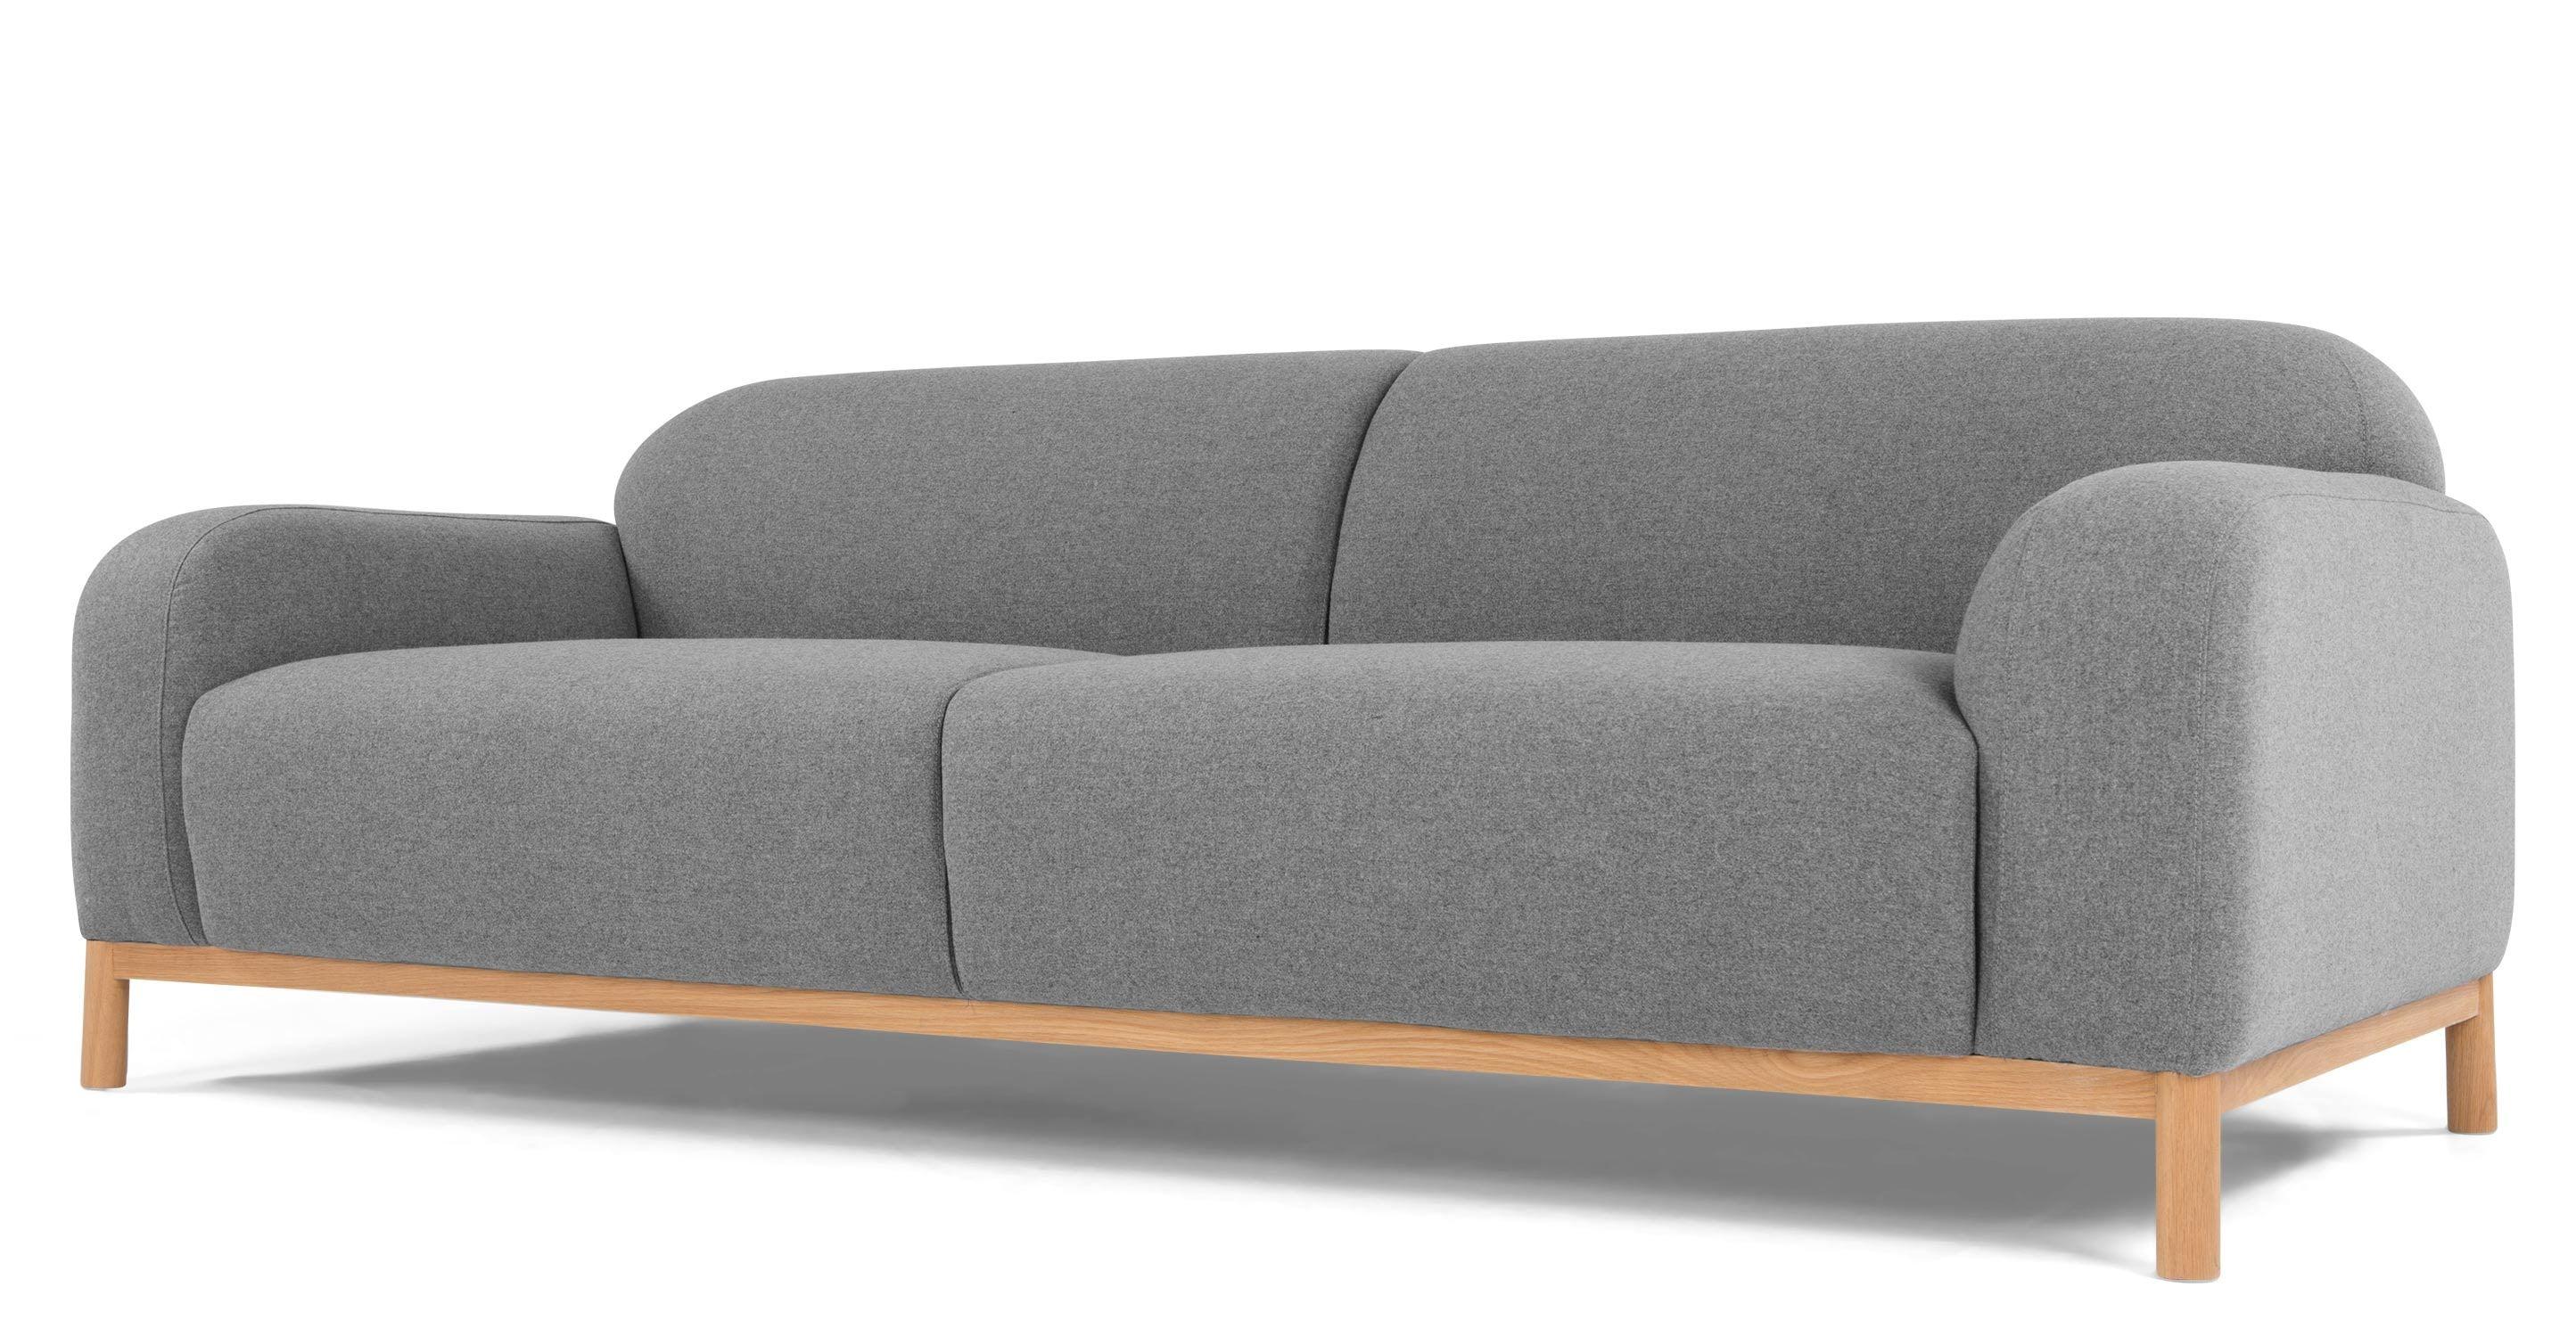 Brady 3 Sitzer Sofa in Signalgrau